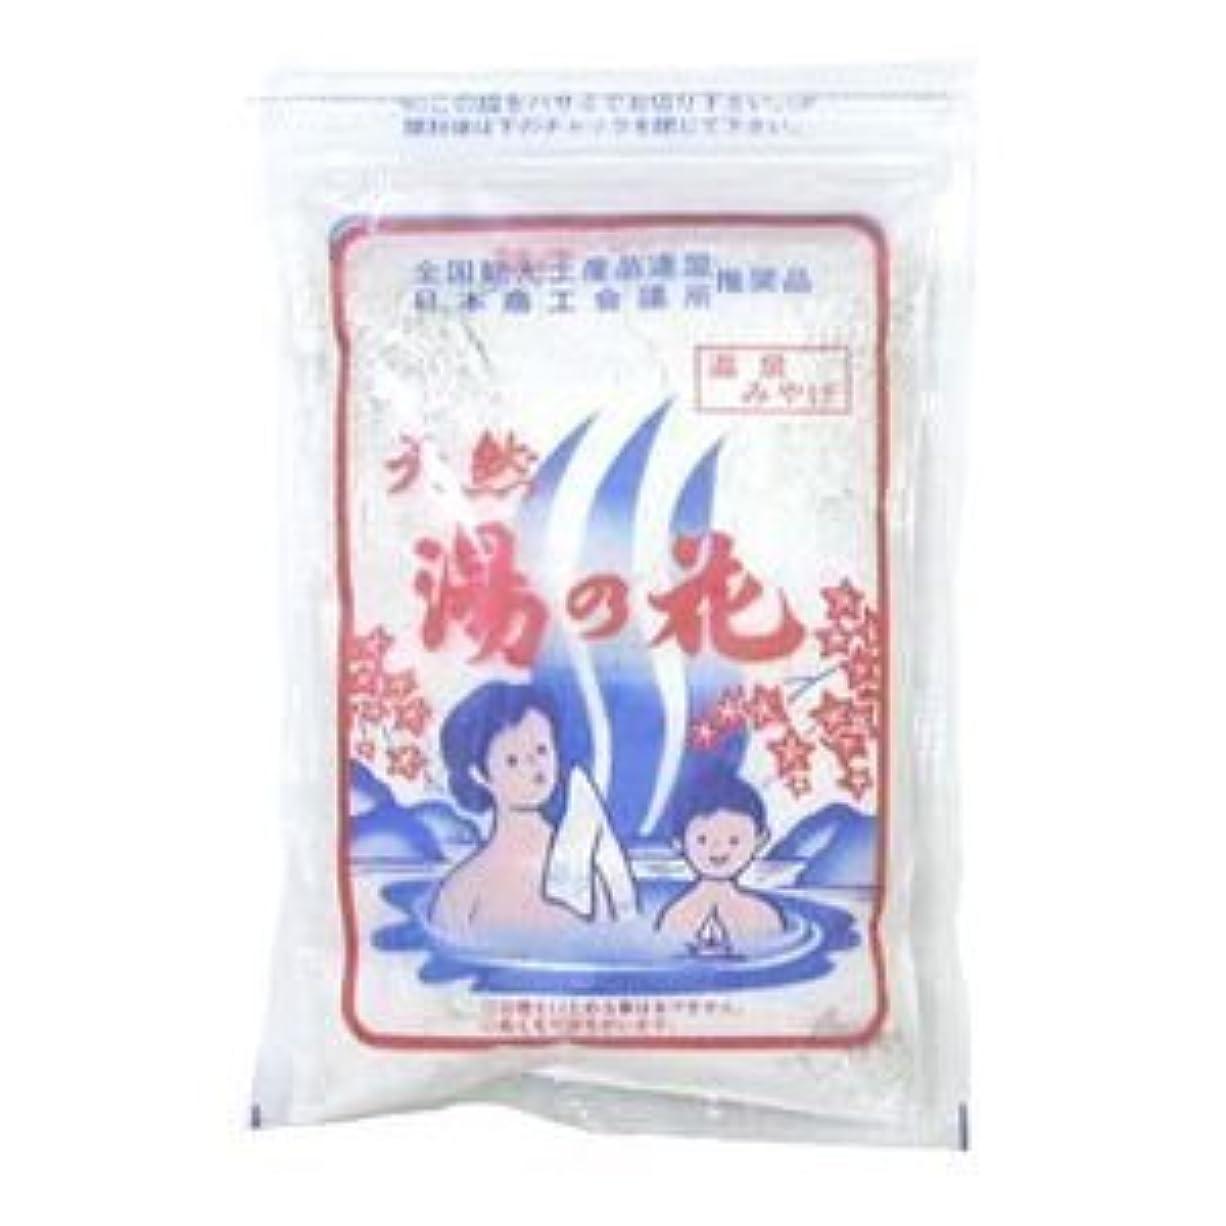 ファンシーイースターダイバー【20個】 天然湯の花 (徳用) F-250 x 20個 (4936626000079-20)